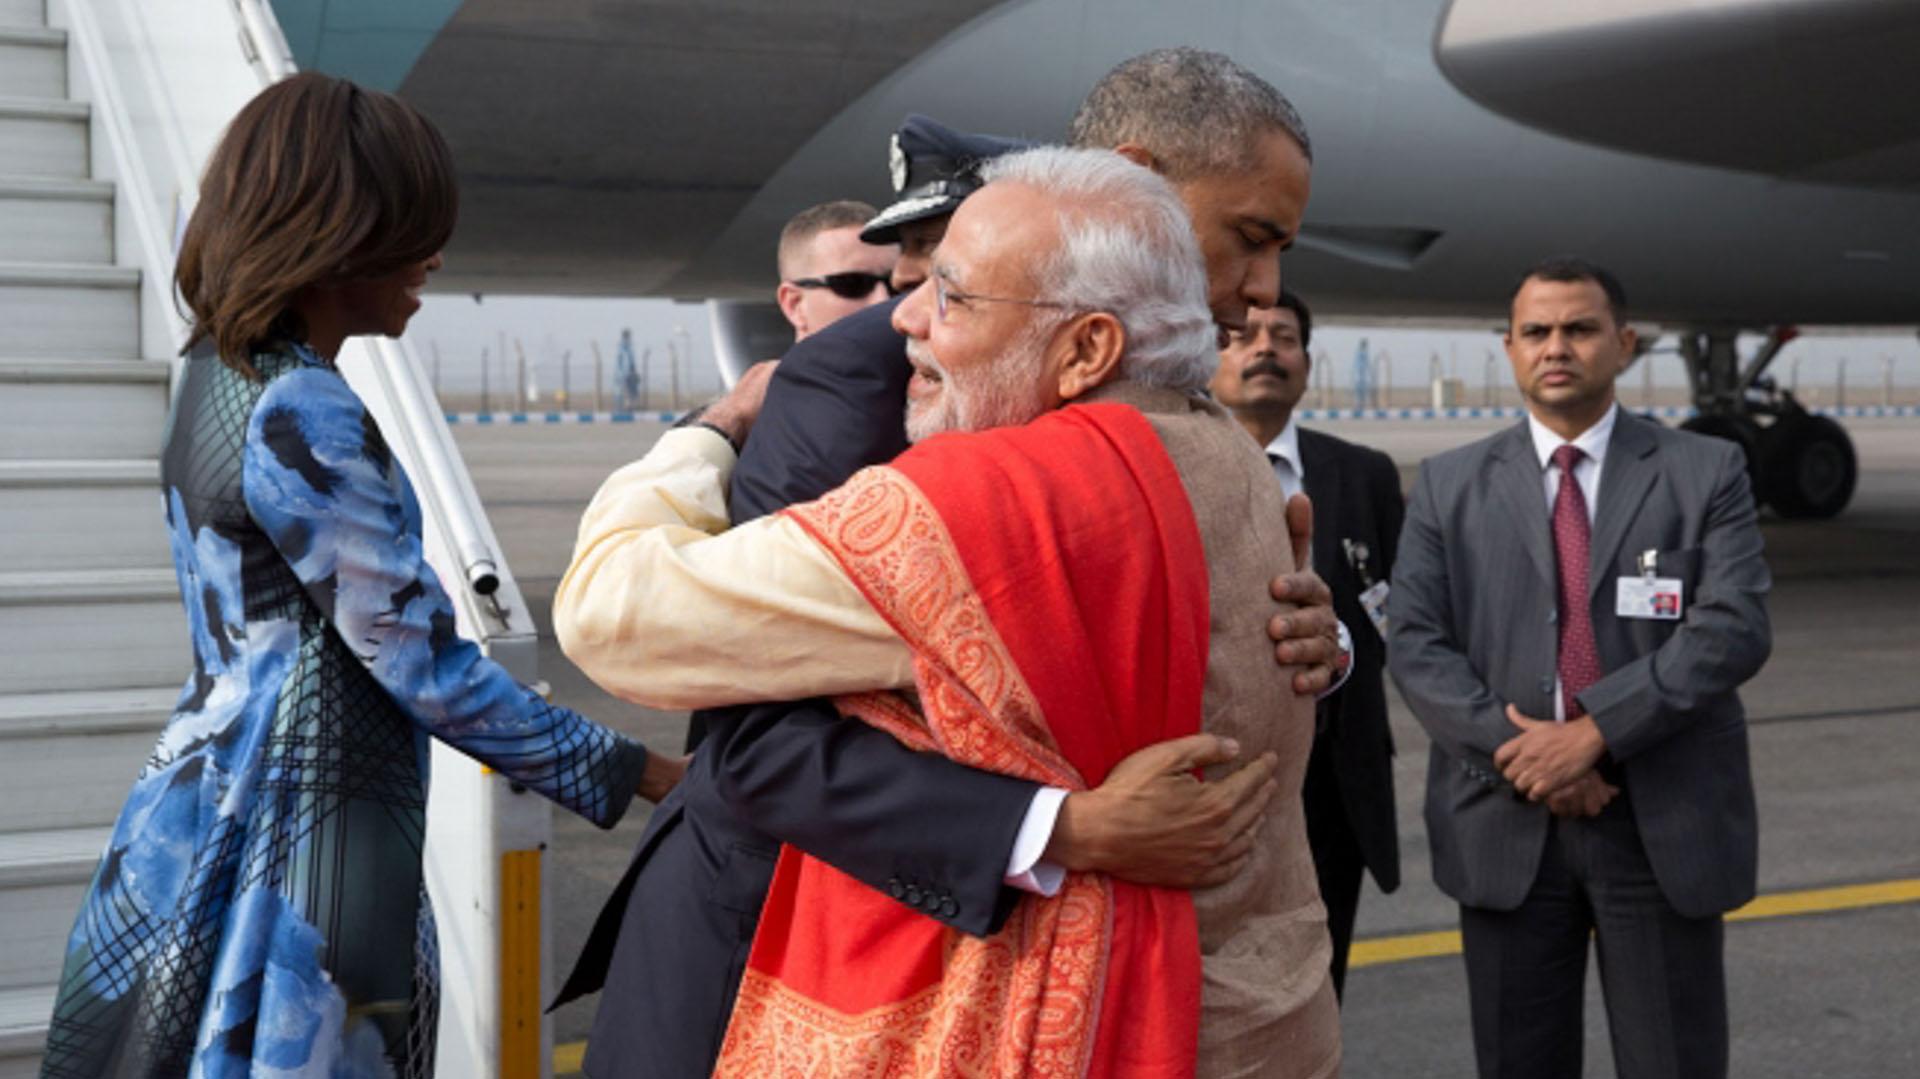 Estados Unidos y la India anunciaron varias iniciativas con respecto a la energía limpia durante la visita del presidente Obama a la India en enero de 2015, la segunda que realizó el presidente a ese país. Obama, con la primera dama, Michelle Obama, saluda al primer ministro, Narendra Modi, a su llegada a Nueva Delhi. Posteriormente, India firmó el acuerdo climático histórico de París que cuenta con más de 170 países para combatir el cambio climático.